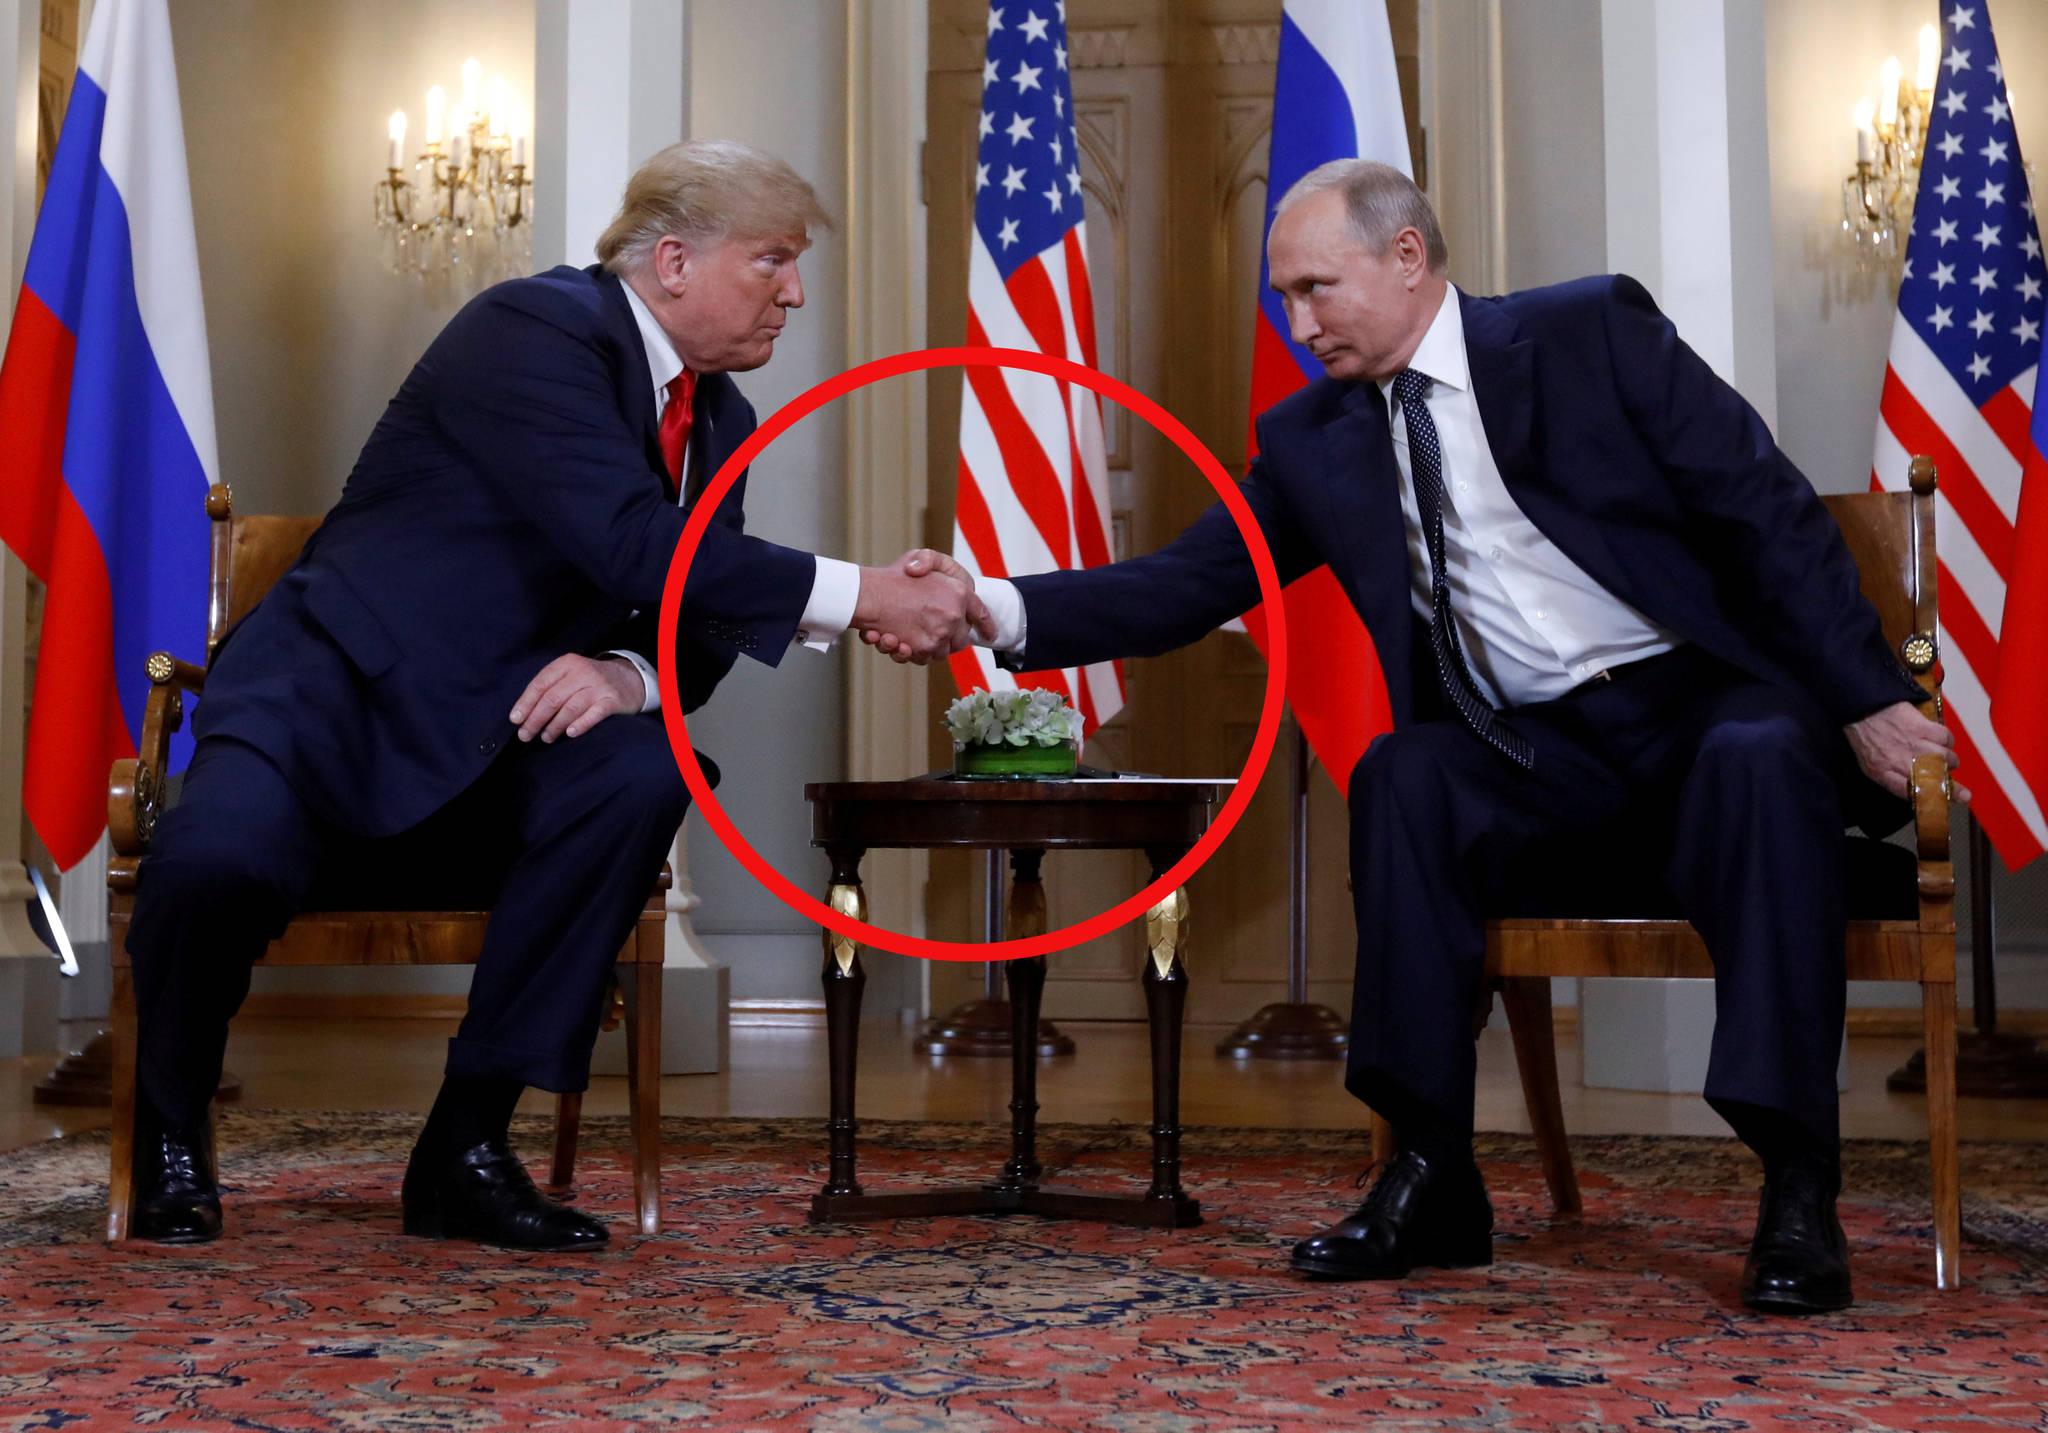 16일 오후 2시(한국시간 오후 8시) 도널드 트럼프 미국 대통령이 블라디미르 푸틴 러시아 대통령과 역사적인 첫 정상회담을 했다. 정상회담은 핀란드 수도인 헬싱키의 대통령궁에서 열렸다. 이날 푸틴의 손은 트럼프 쪽으로 끌려가지 않았다.[로이터=연합뉴스]